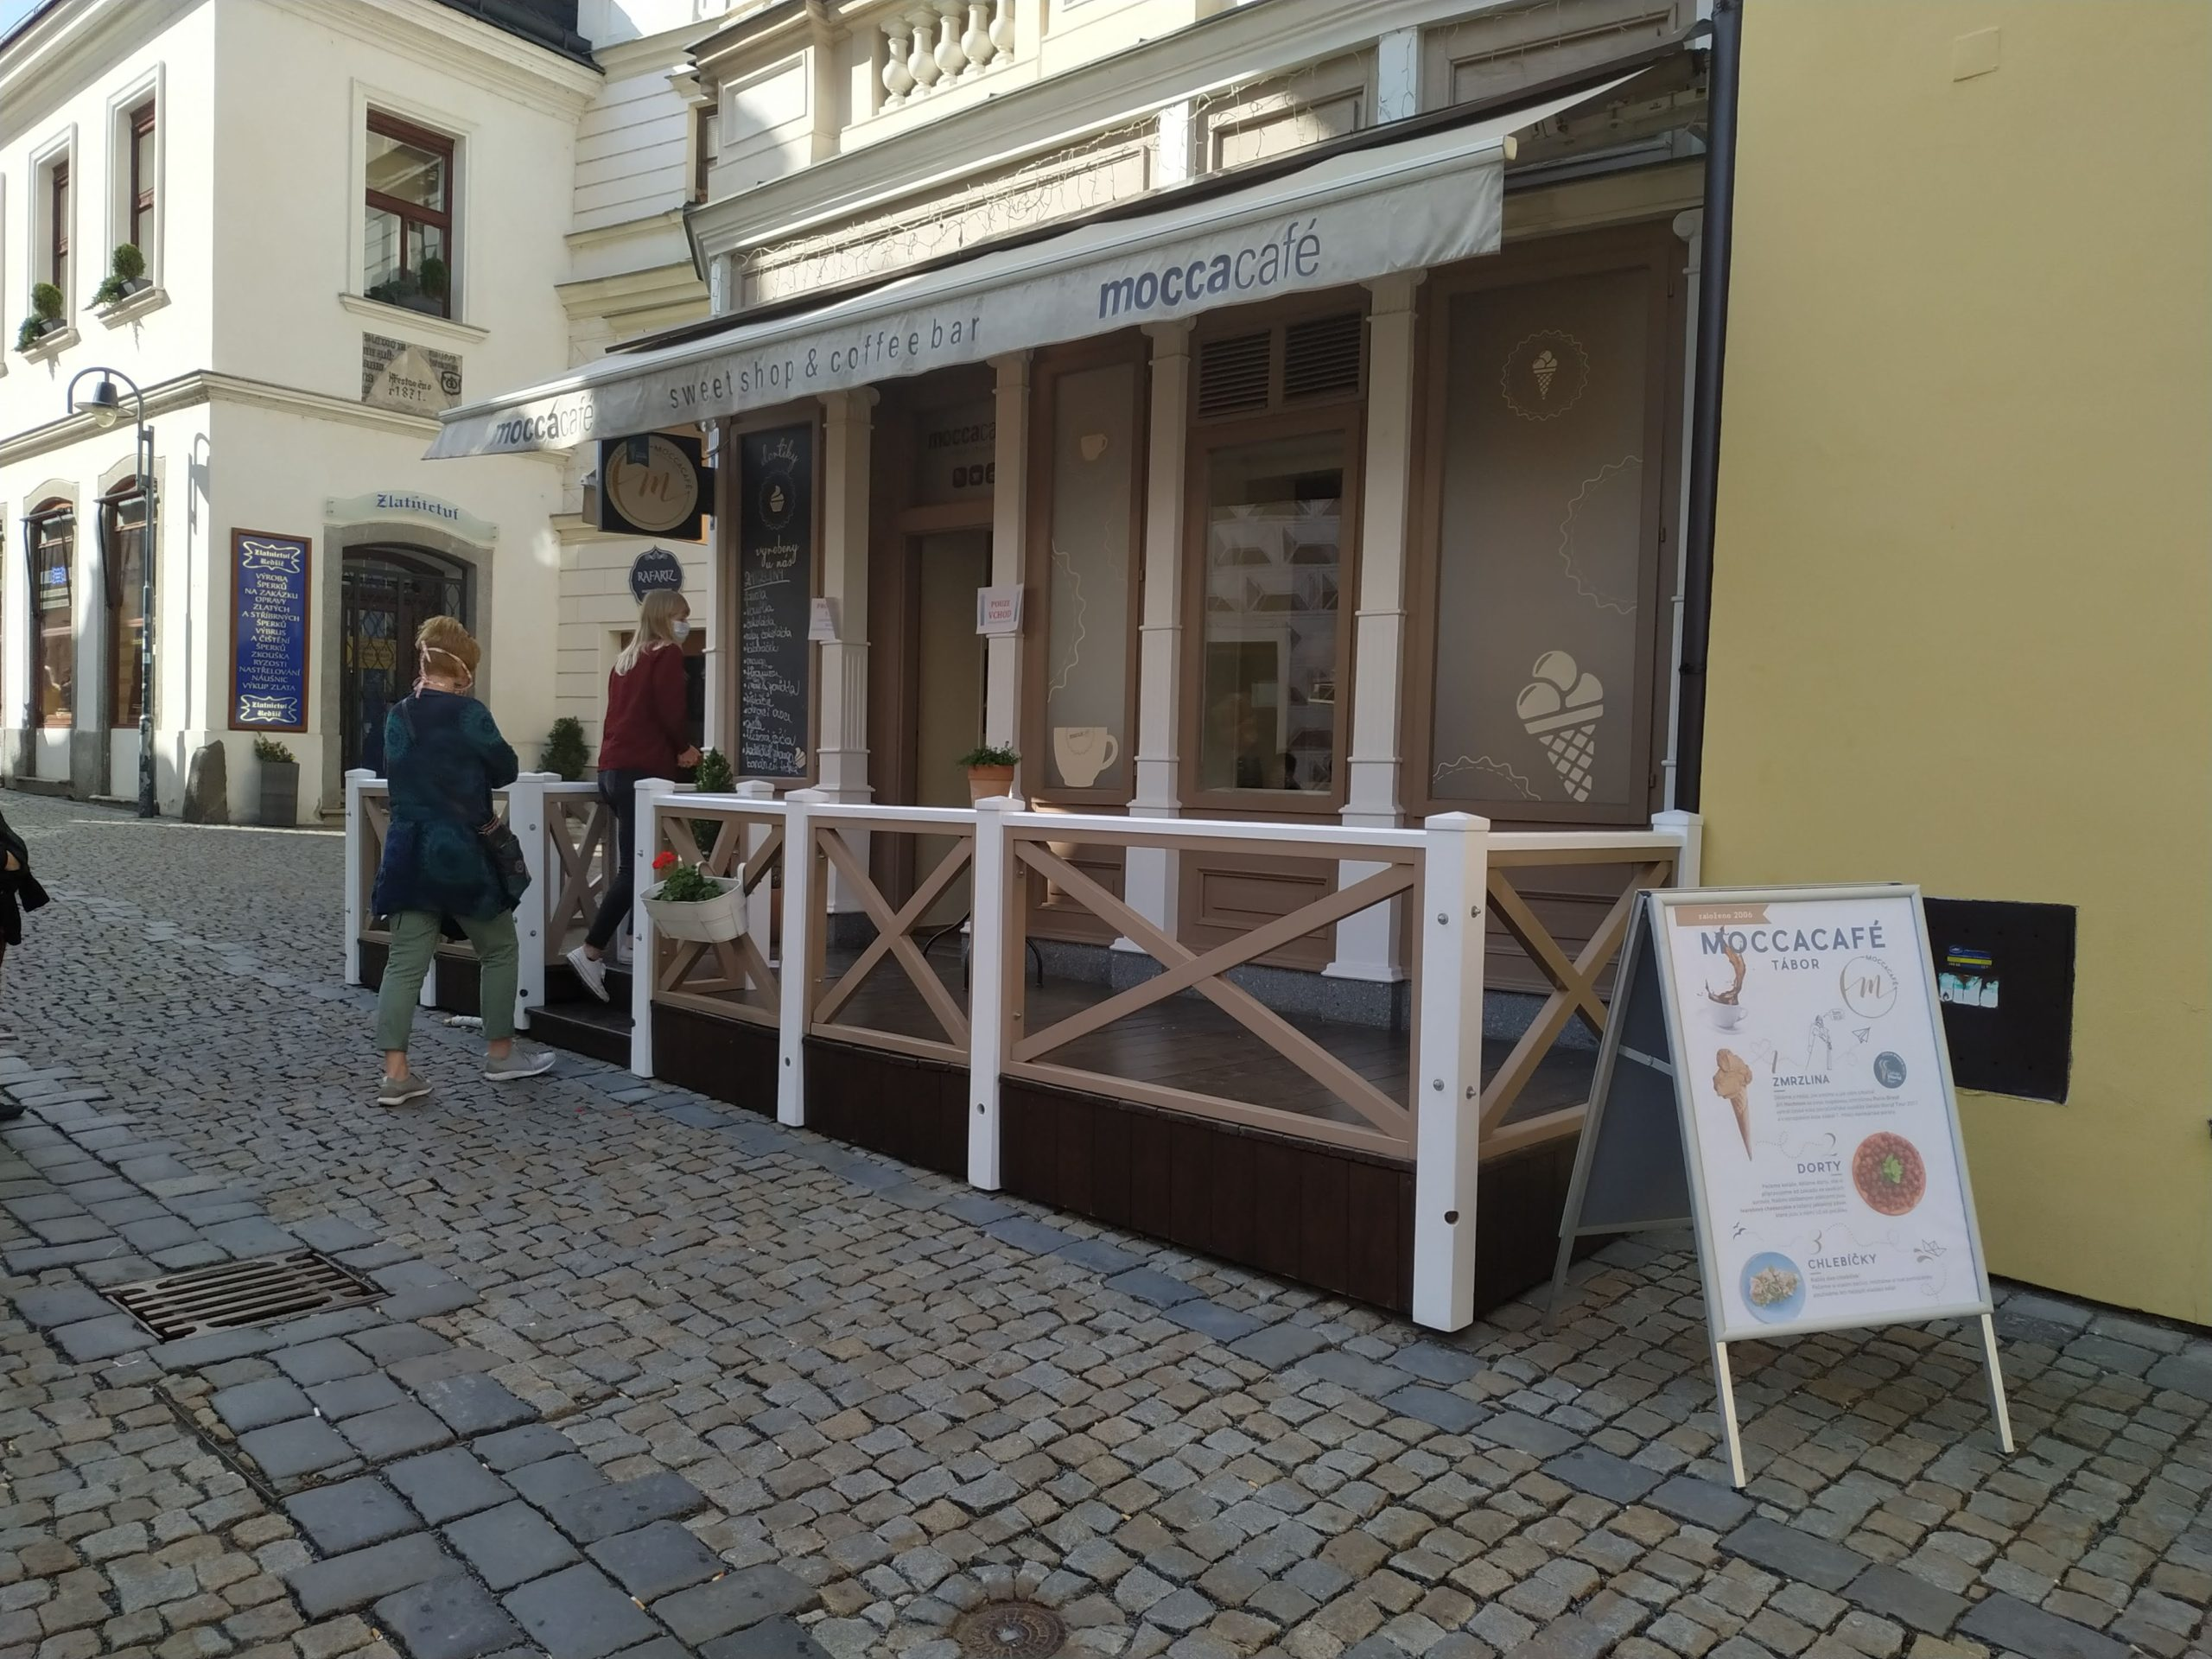 kavárna a cukrárna Moccacafé